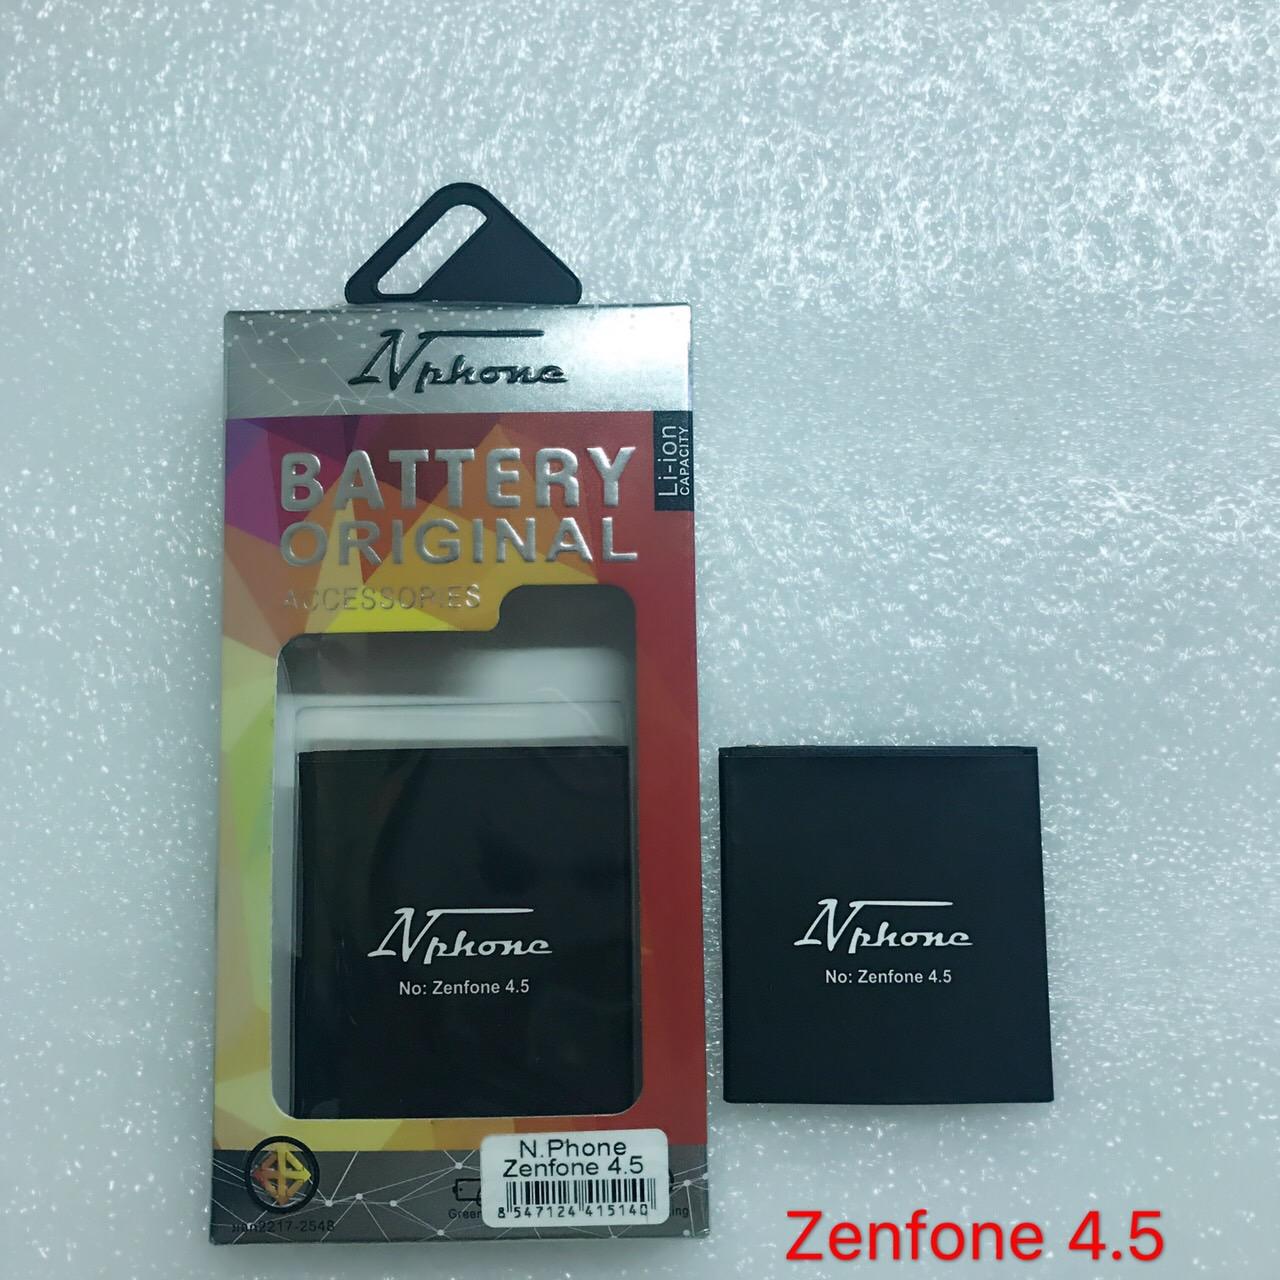 แบตเตอร์รี่ งานบริษัท ( มี มอก ไส้เต็ม ) Asus Zenfone 4.5